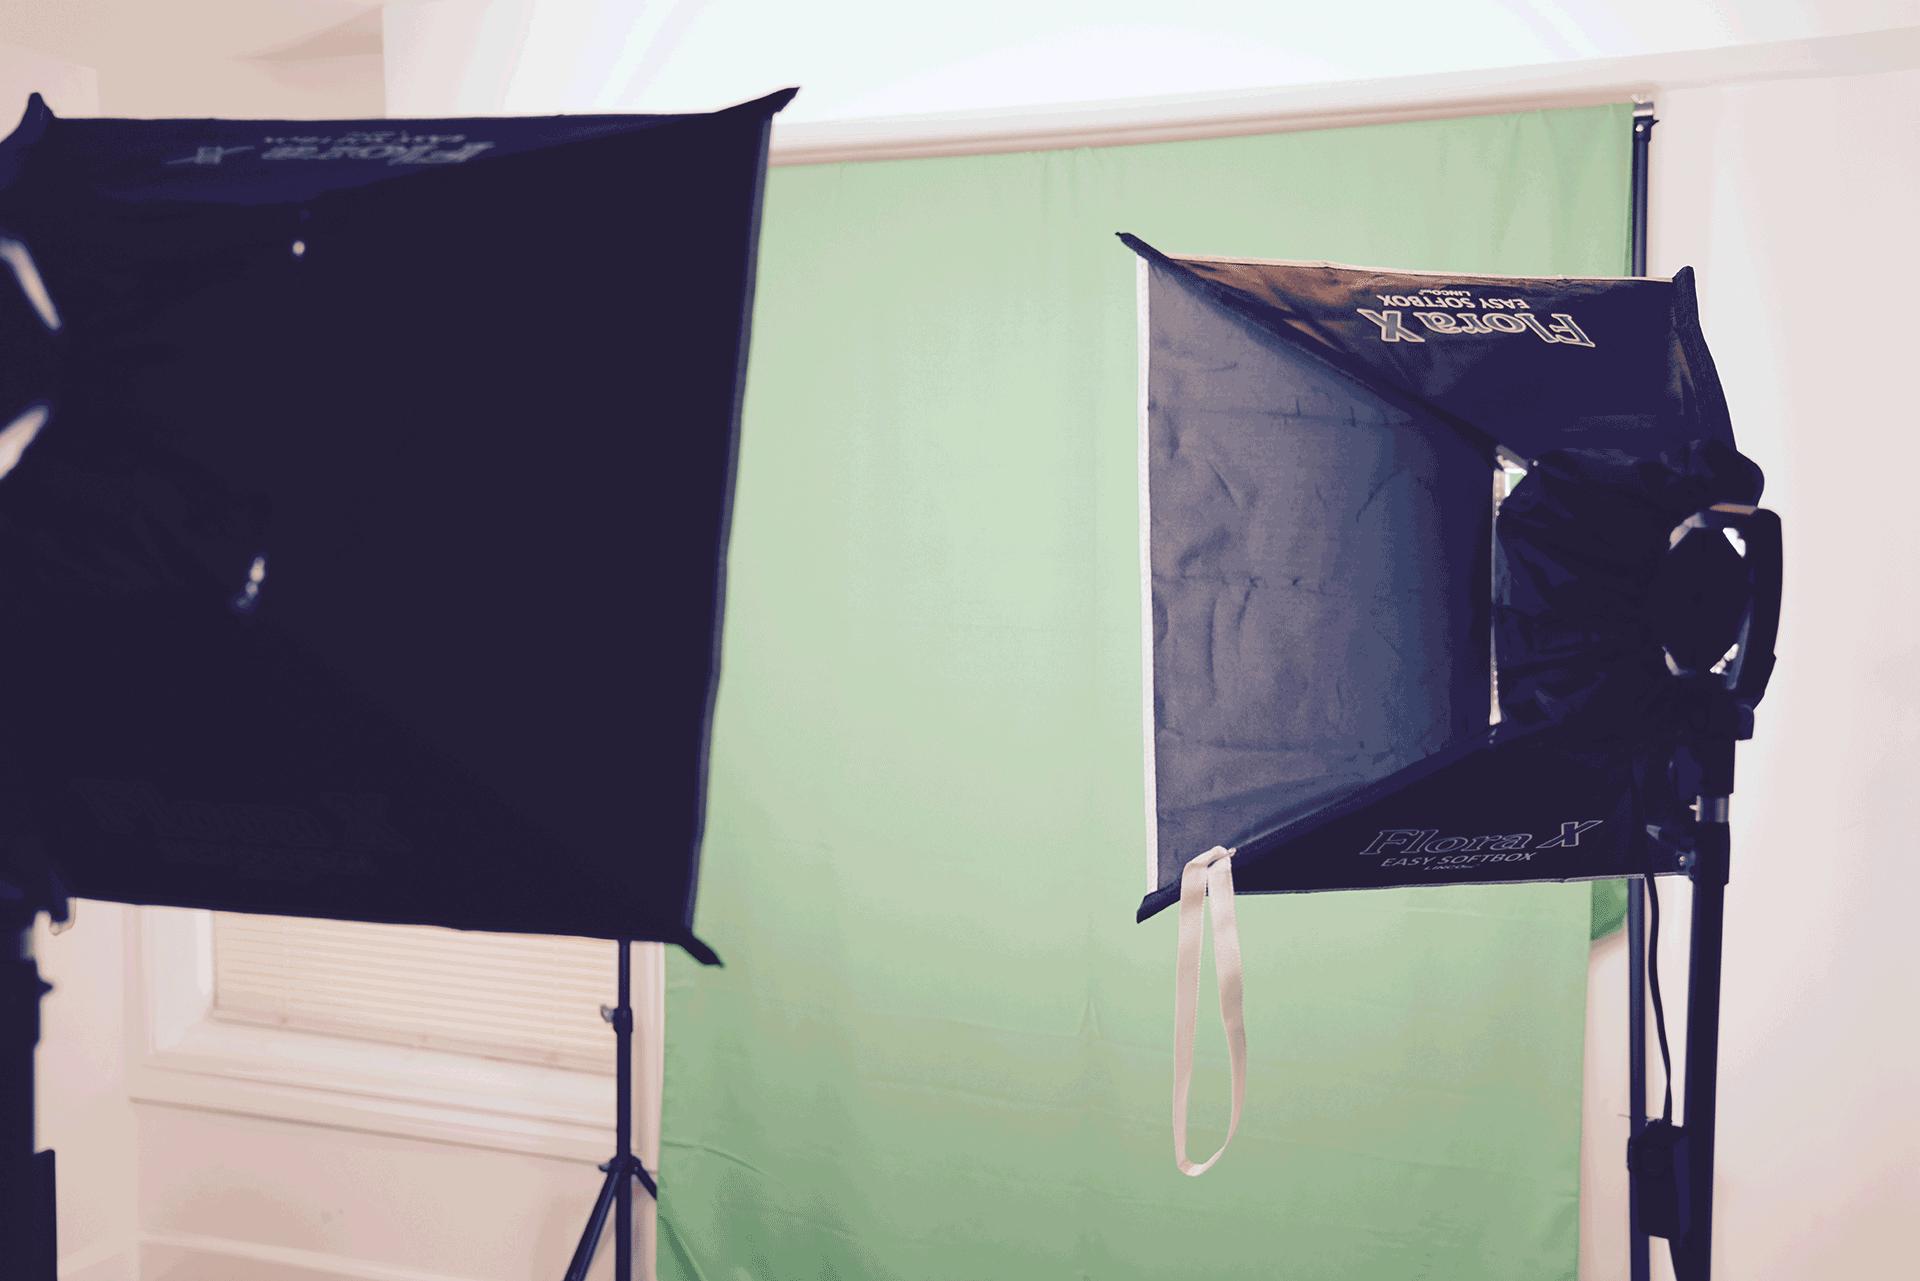 Photography Studio rent